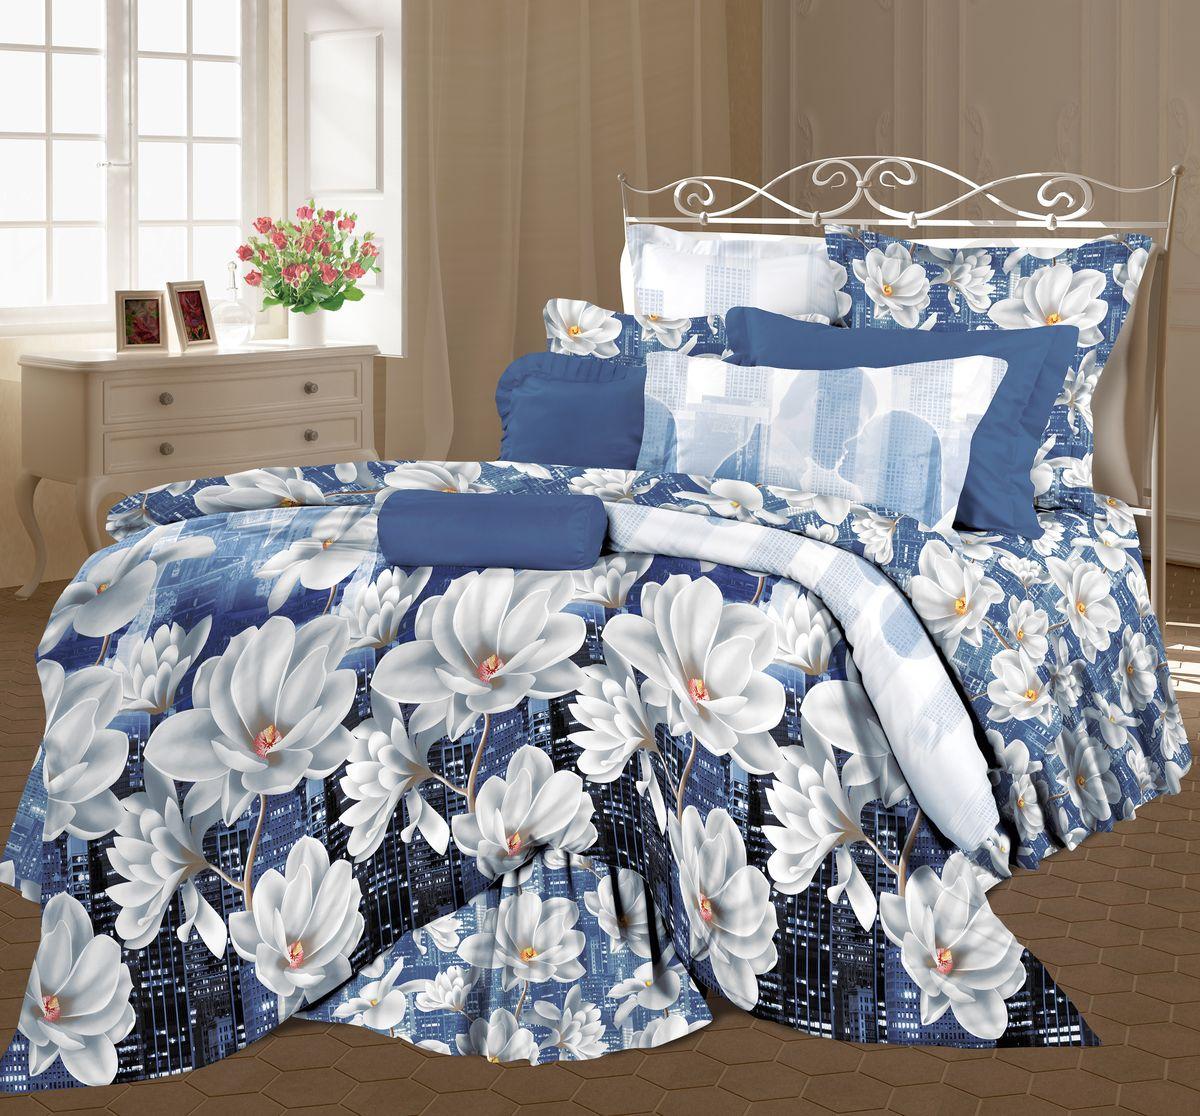 КПБ Евро Lux Cotton Romantic КБR-41 рис. 11725/11726 вид 1 Ночной поцелуй295509